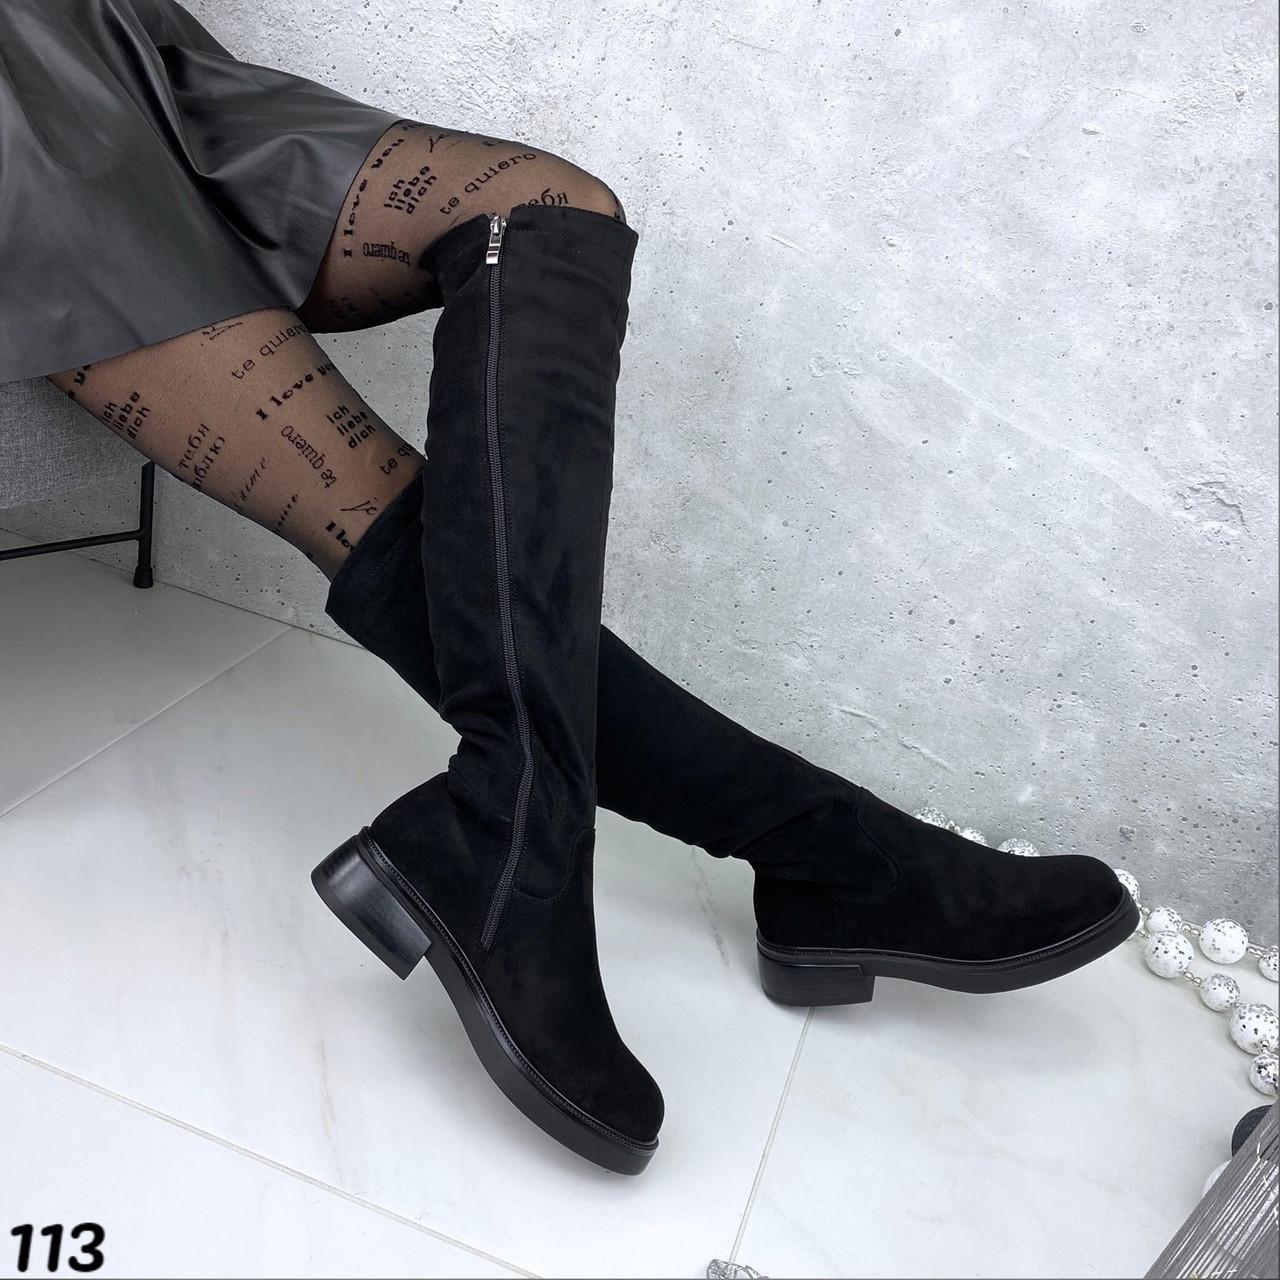 Сапоги женские зимние 113